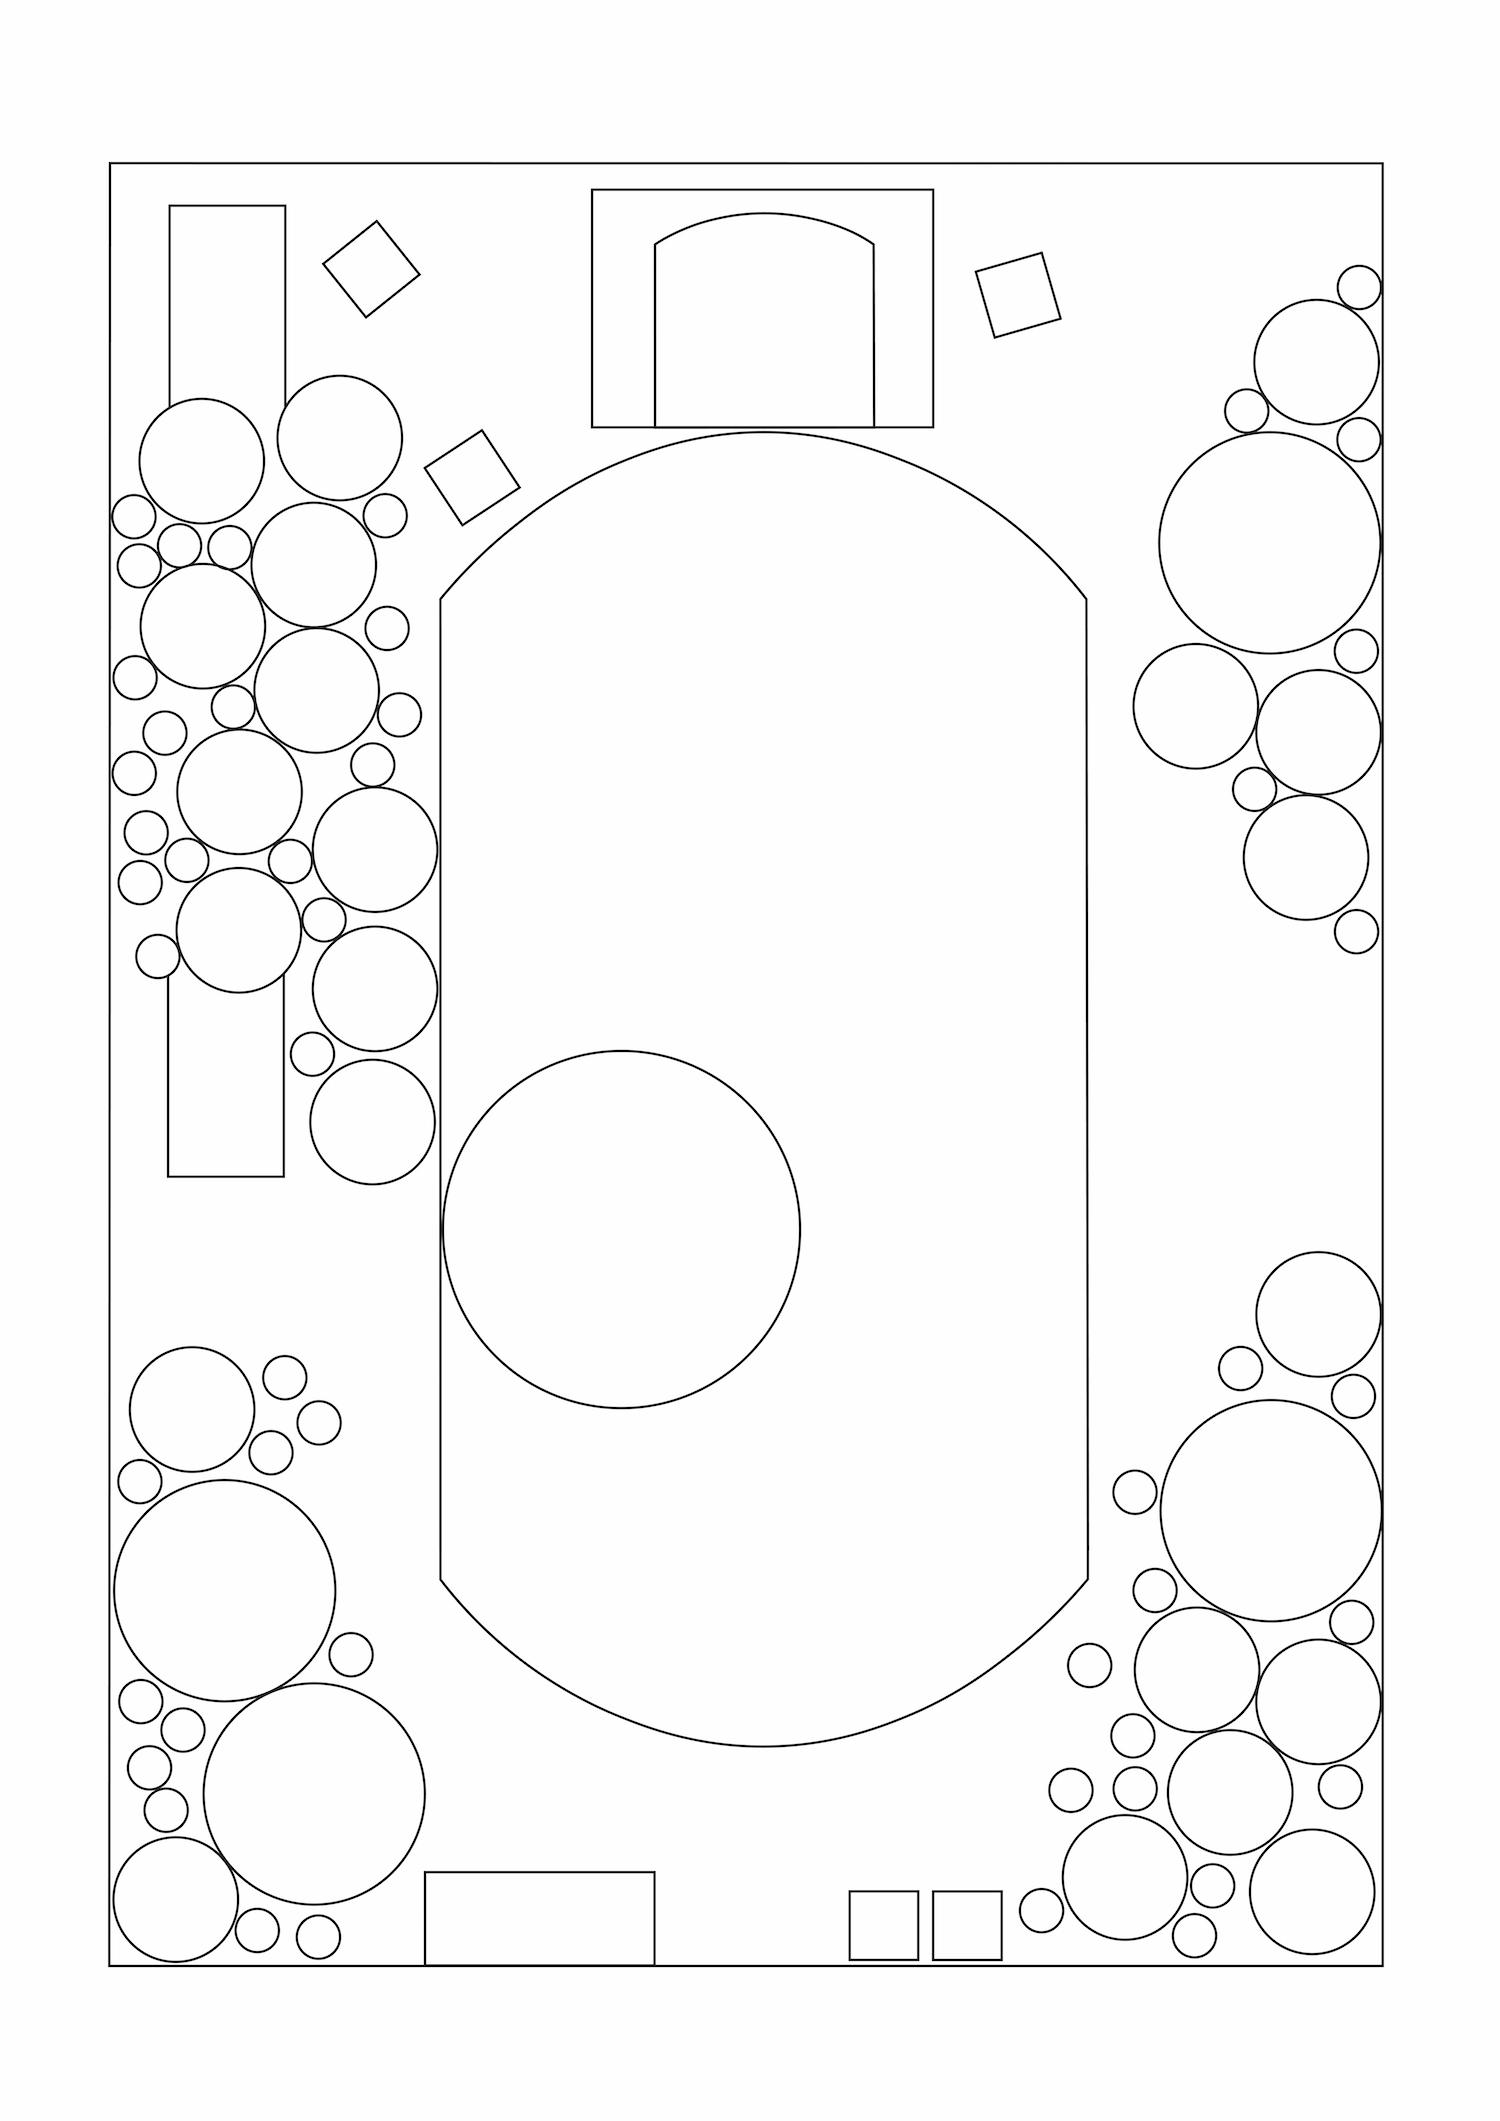 35_Zeichenfläche 1.jpg